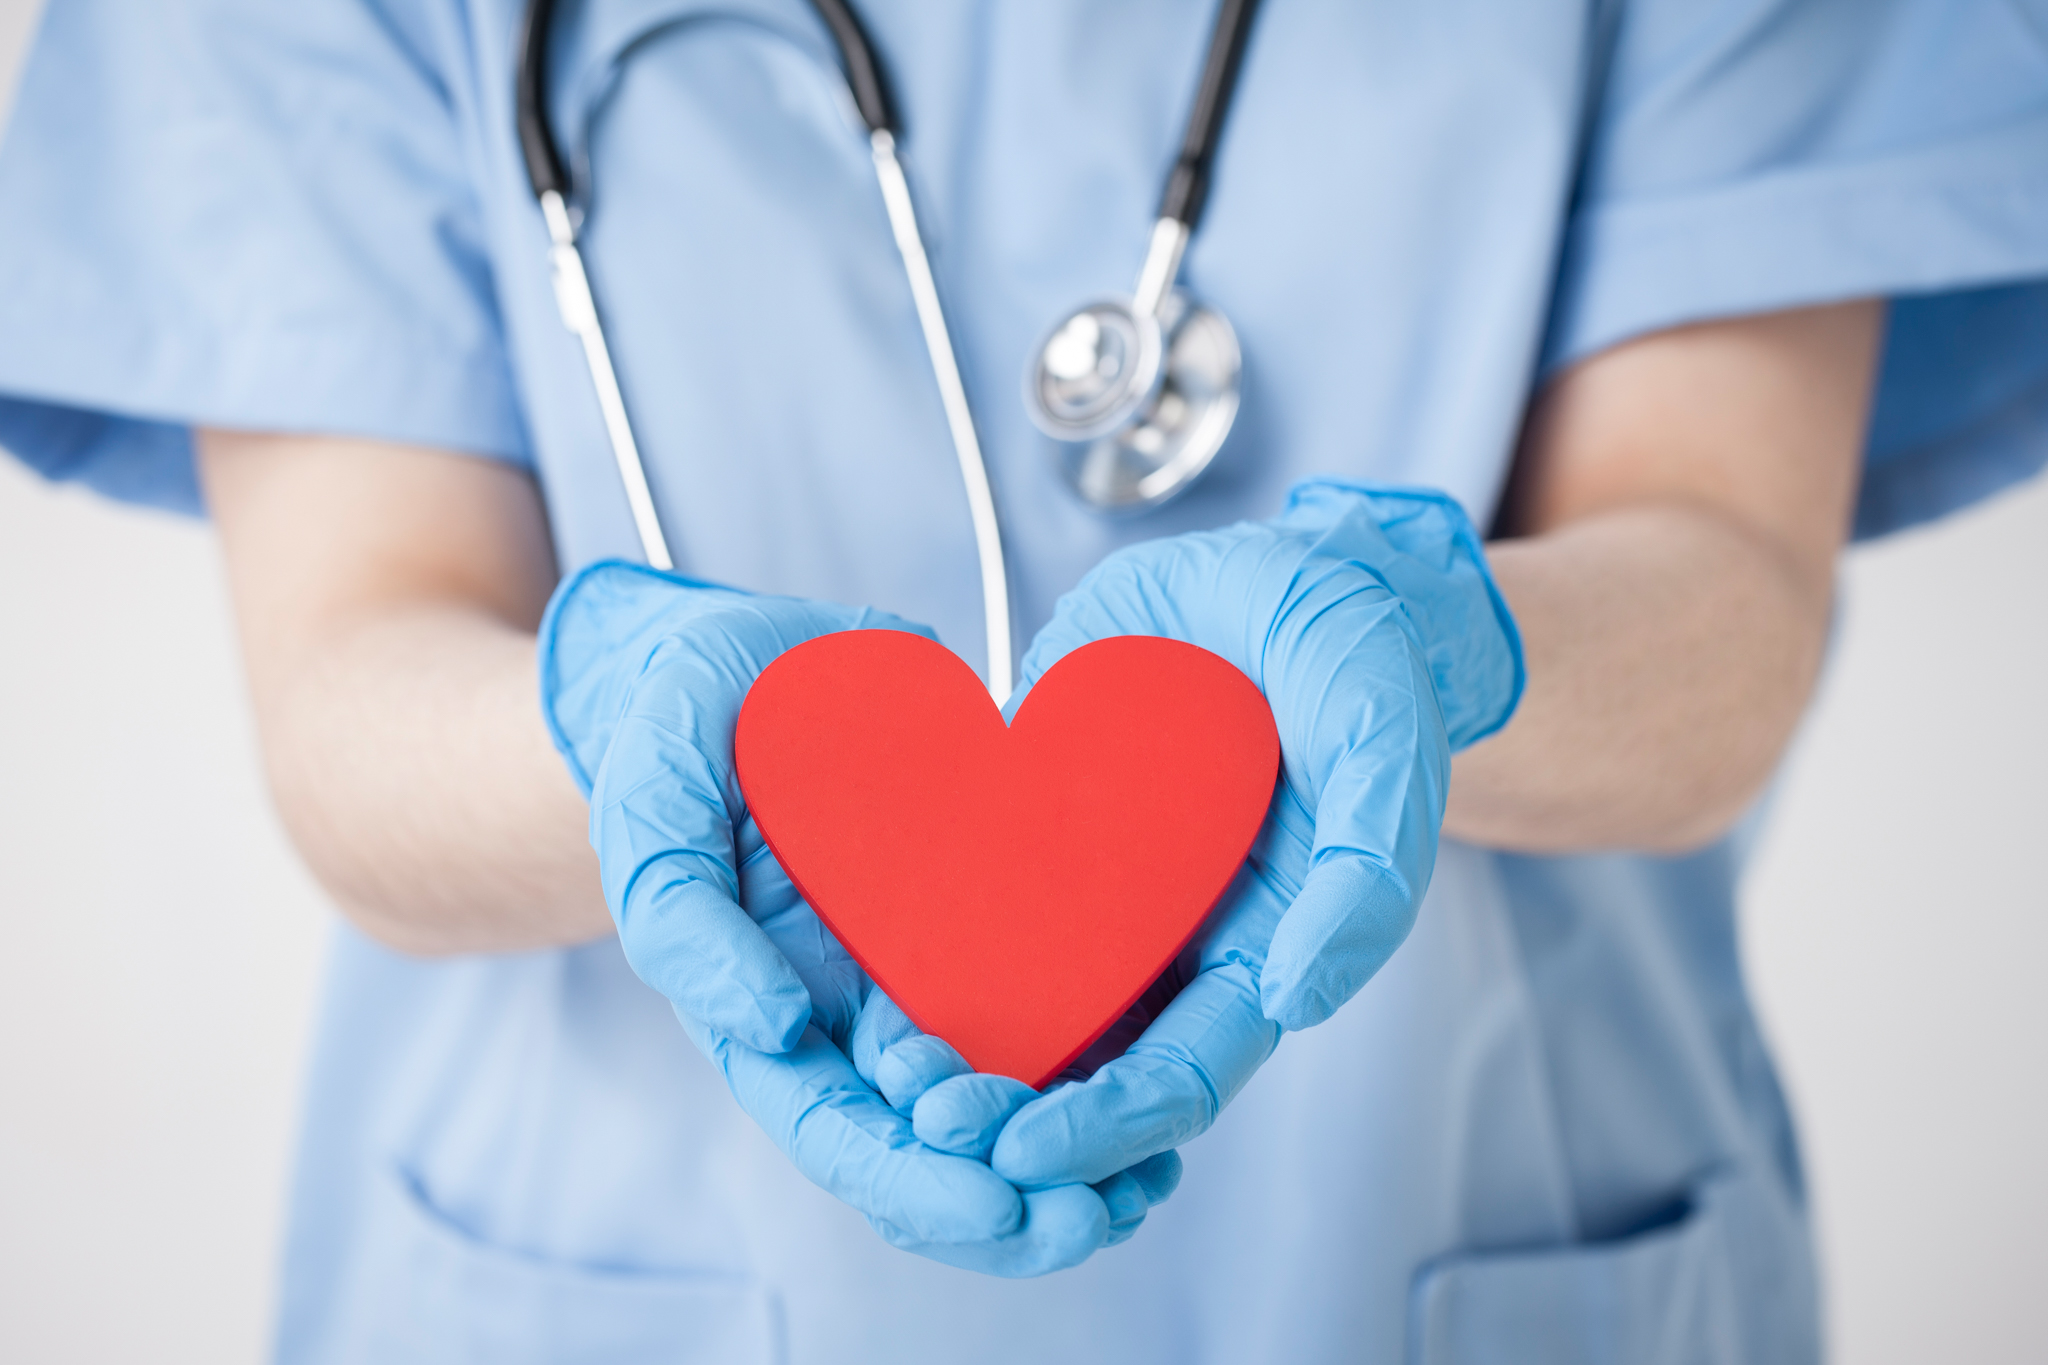 Thông tư 43/2013/TT-BYT Quy định chi tiết phân tuyến chuyên môn kỹ thuật đối với hệ thống cơ sở khám, chữa bệnh